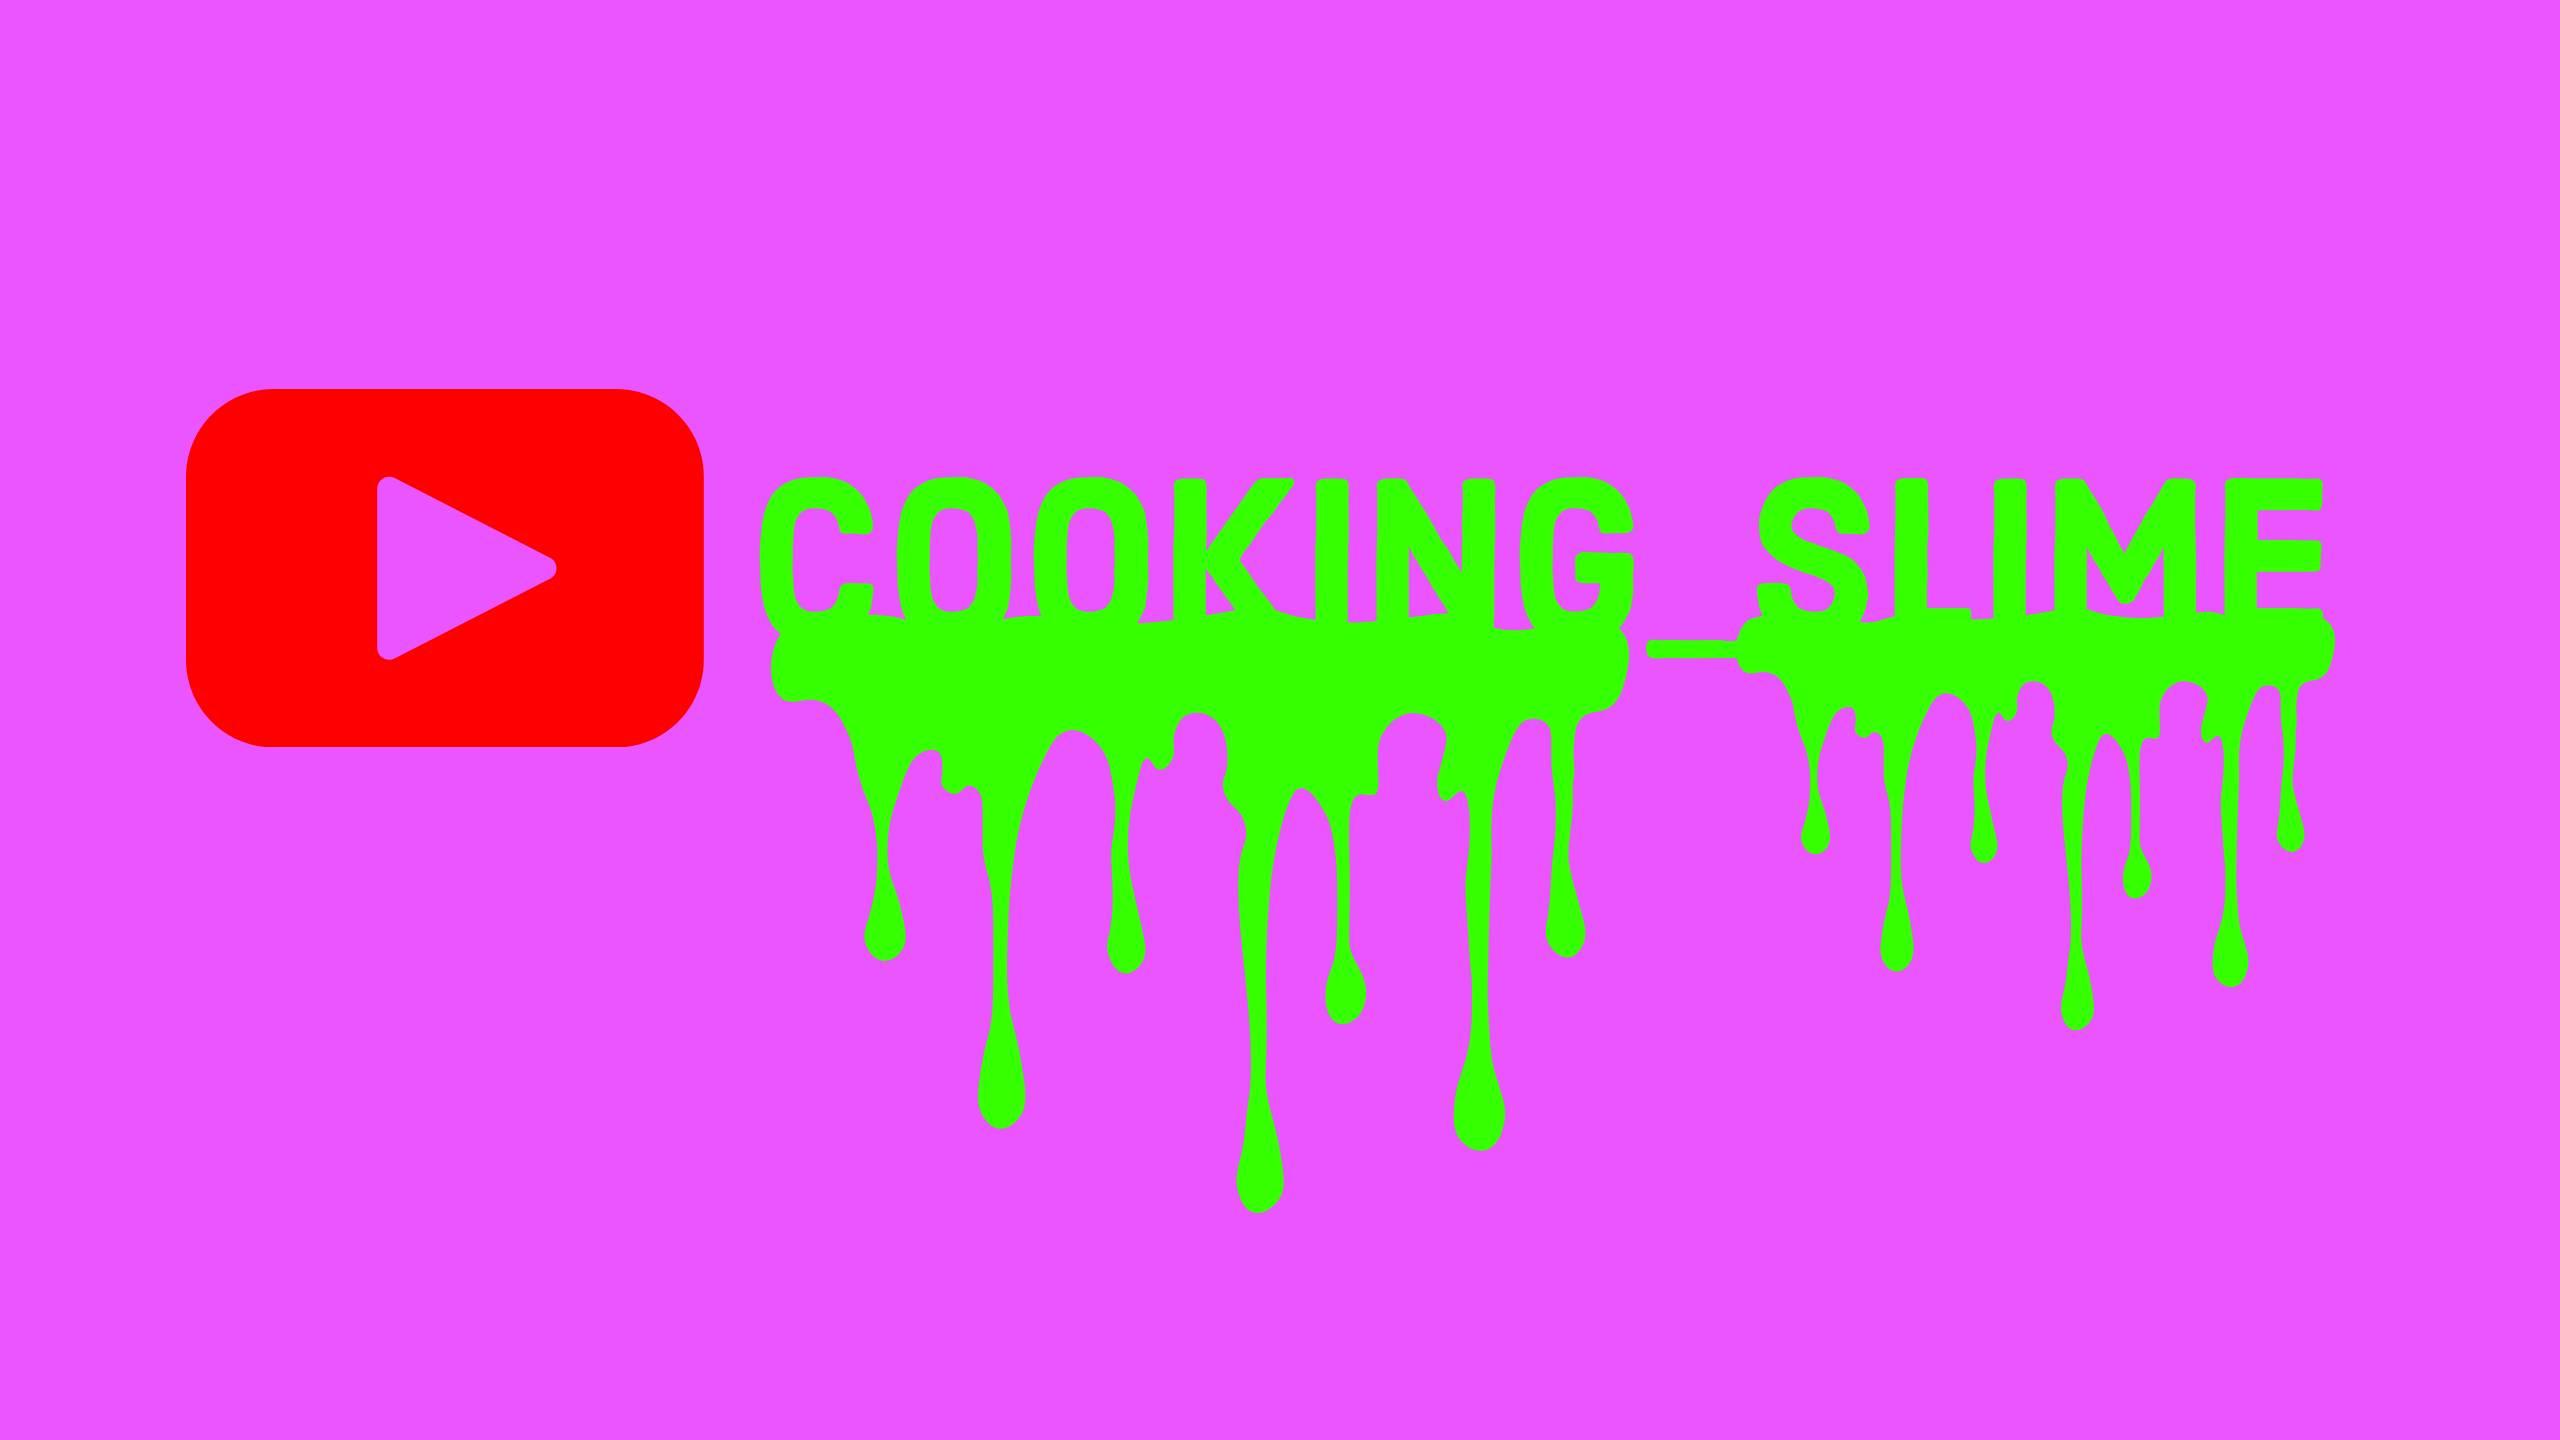 Ho 15 iscrittisu YouTube, cerco pubblicità, ricambio è un canale di cucina e slime per bambini